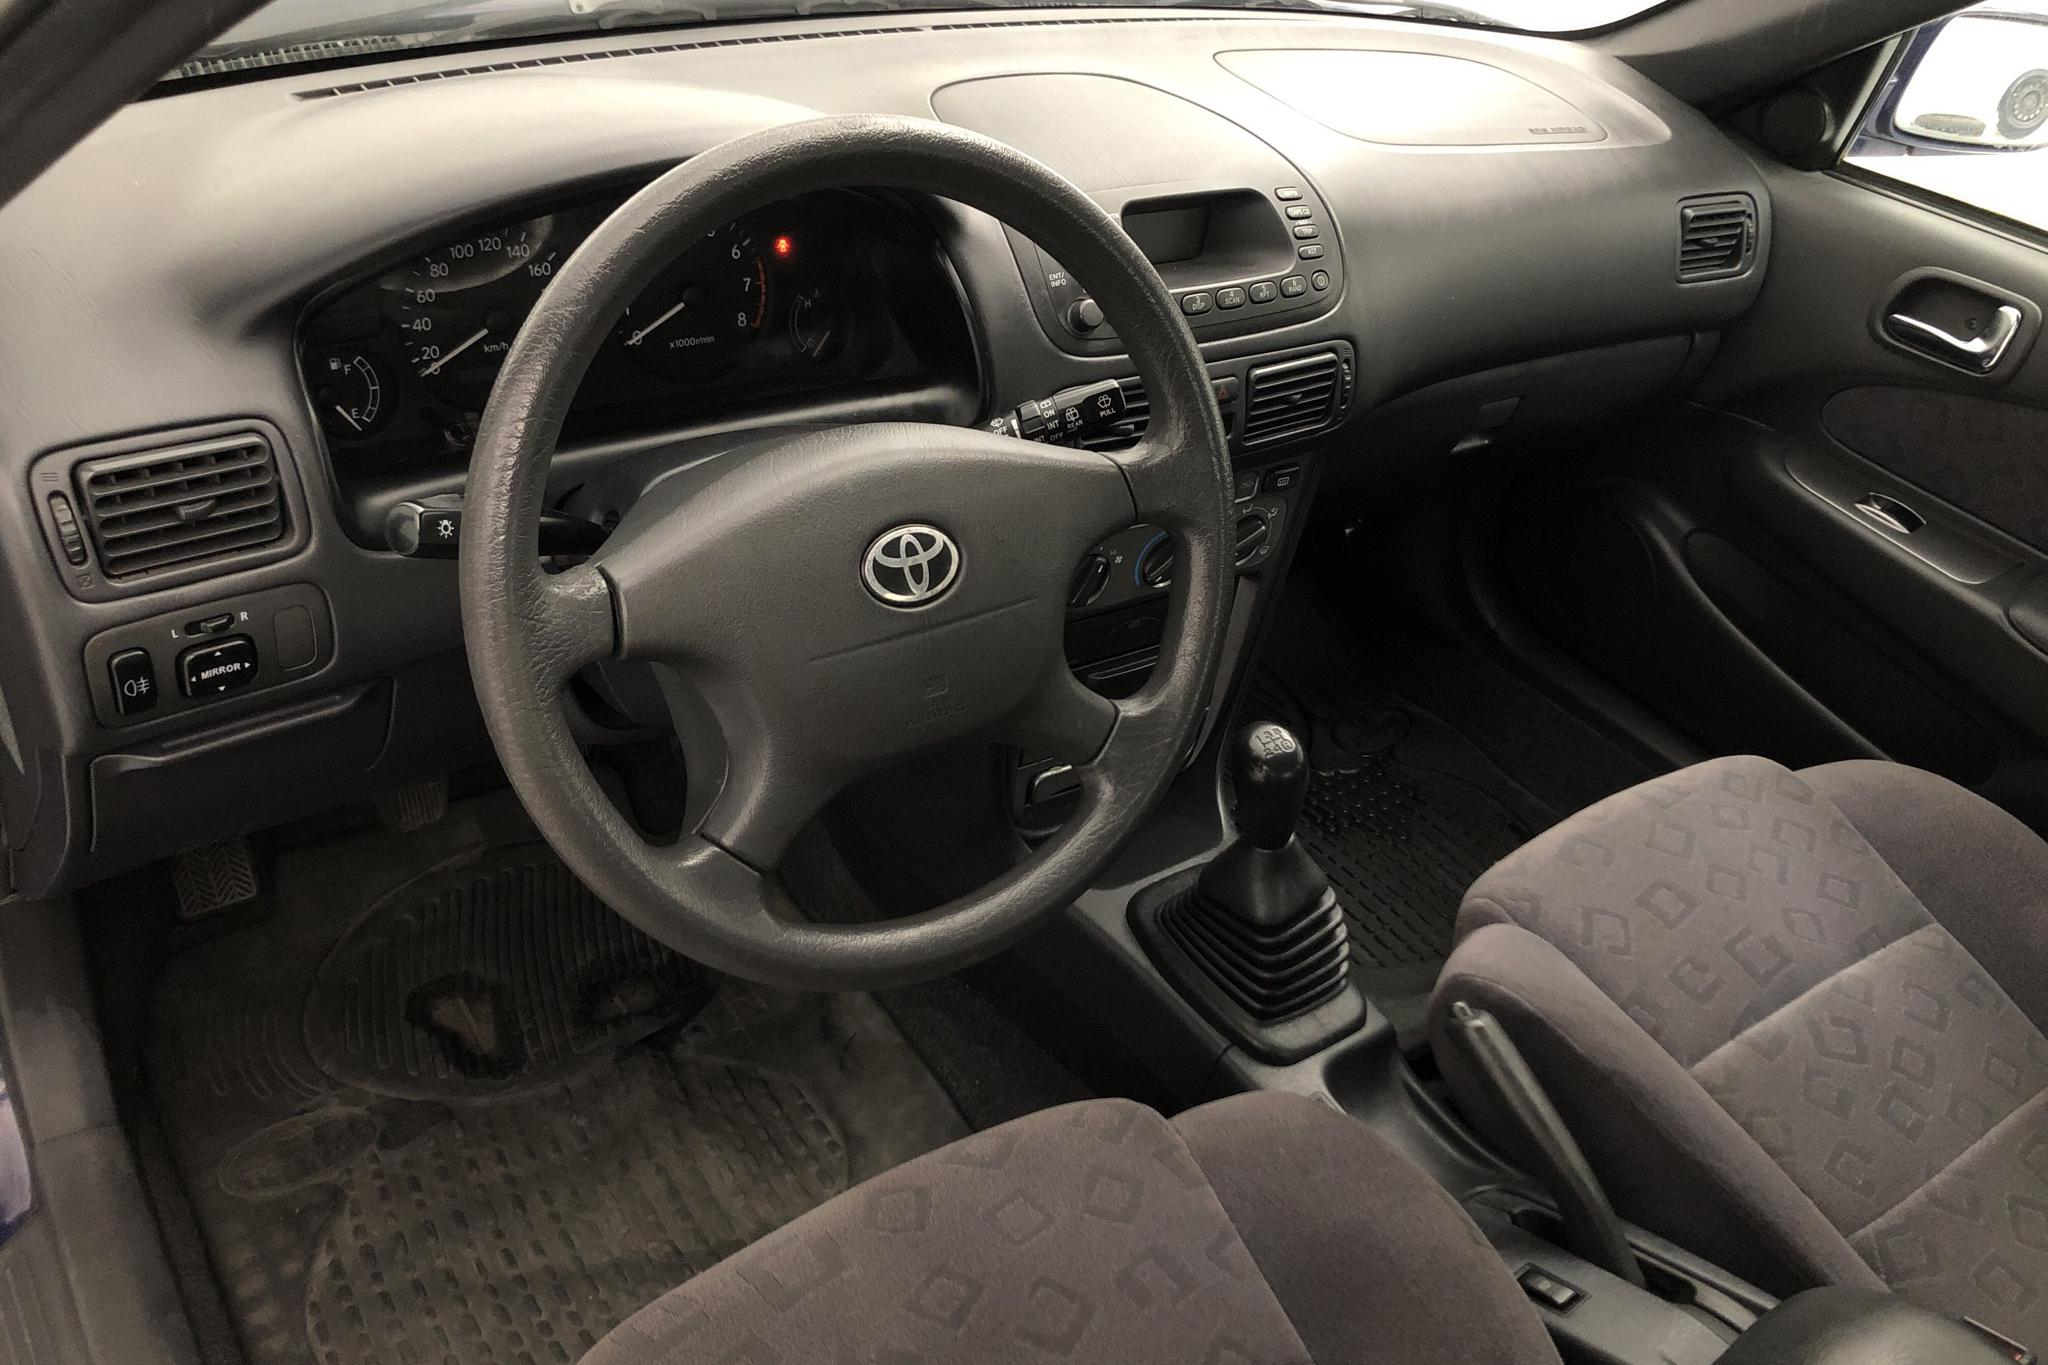 Toyota Corolla 1.6 5dr (110hk) - 12 025 mil - Manuell - blå - 2000